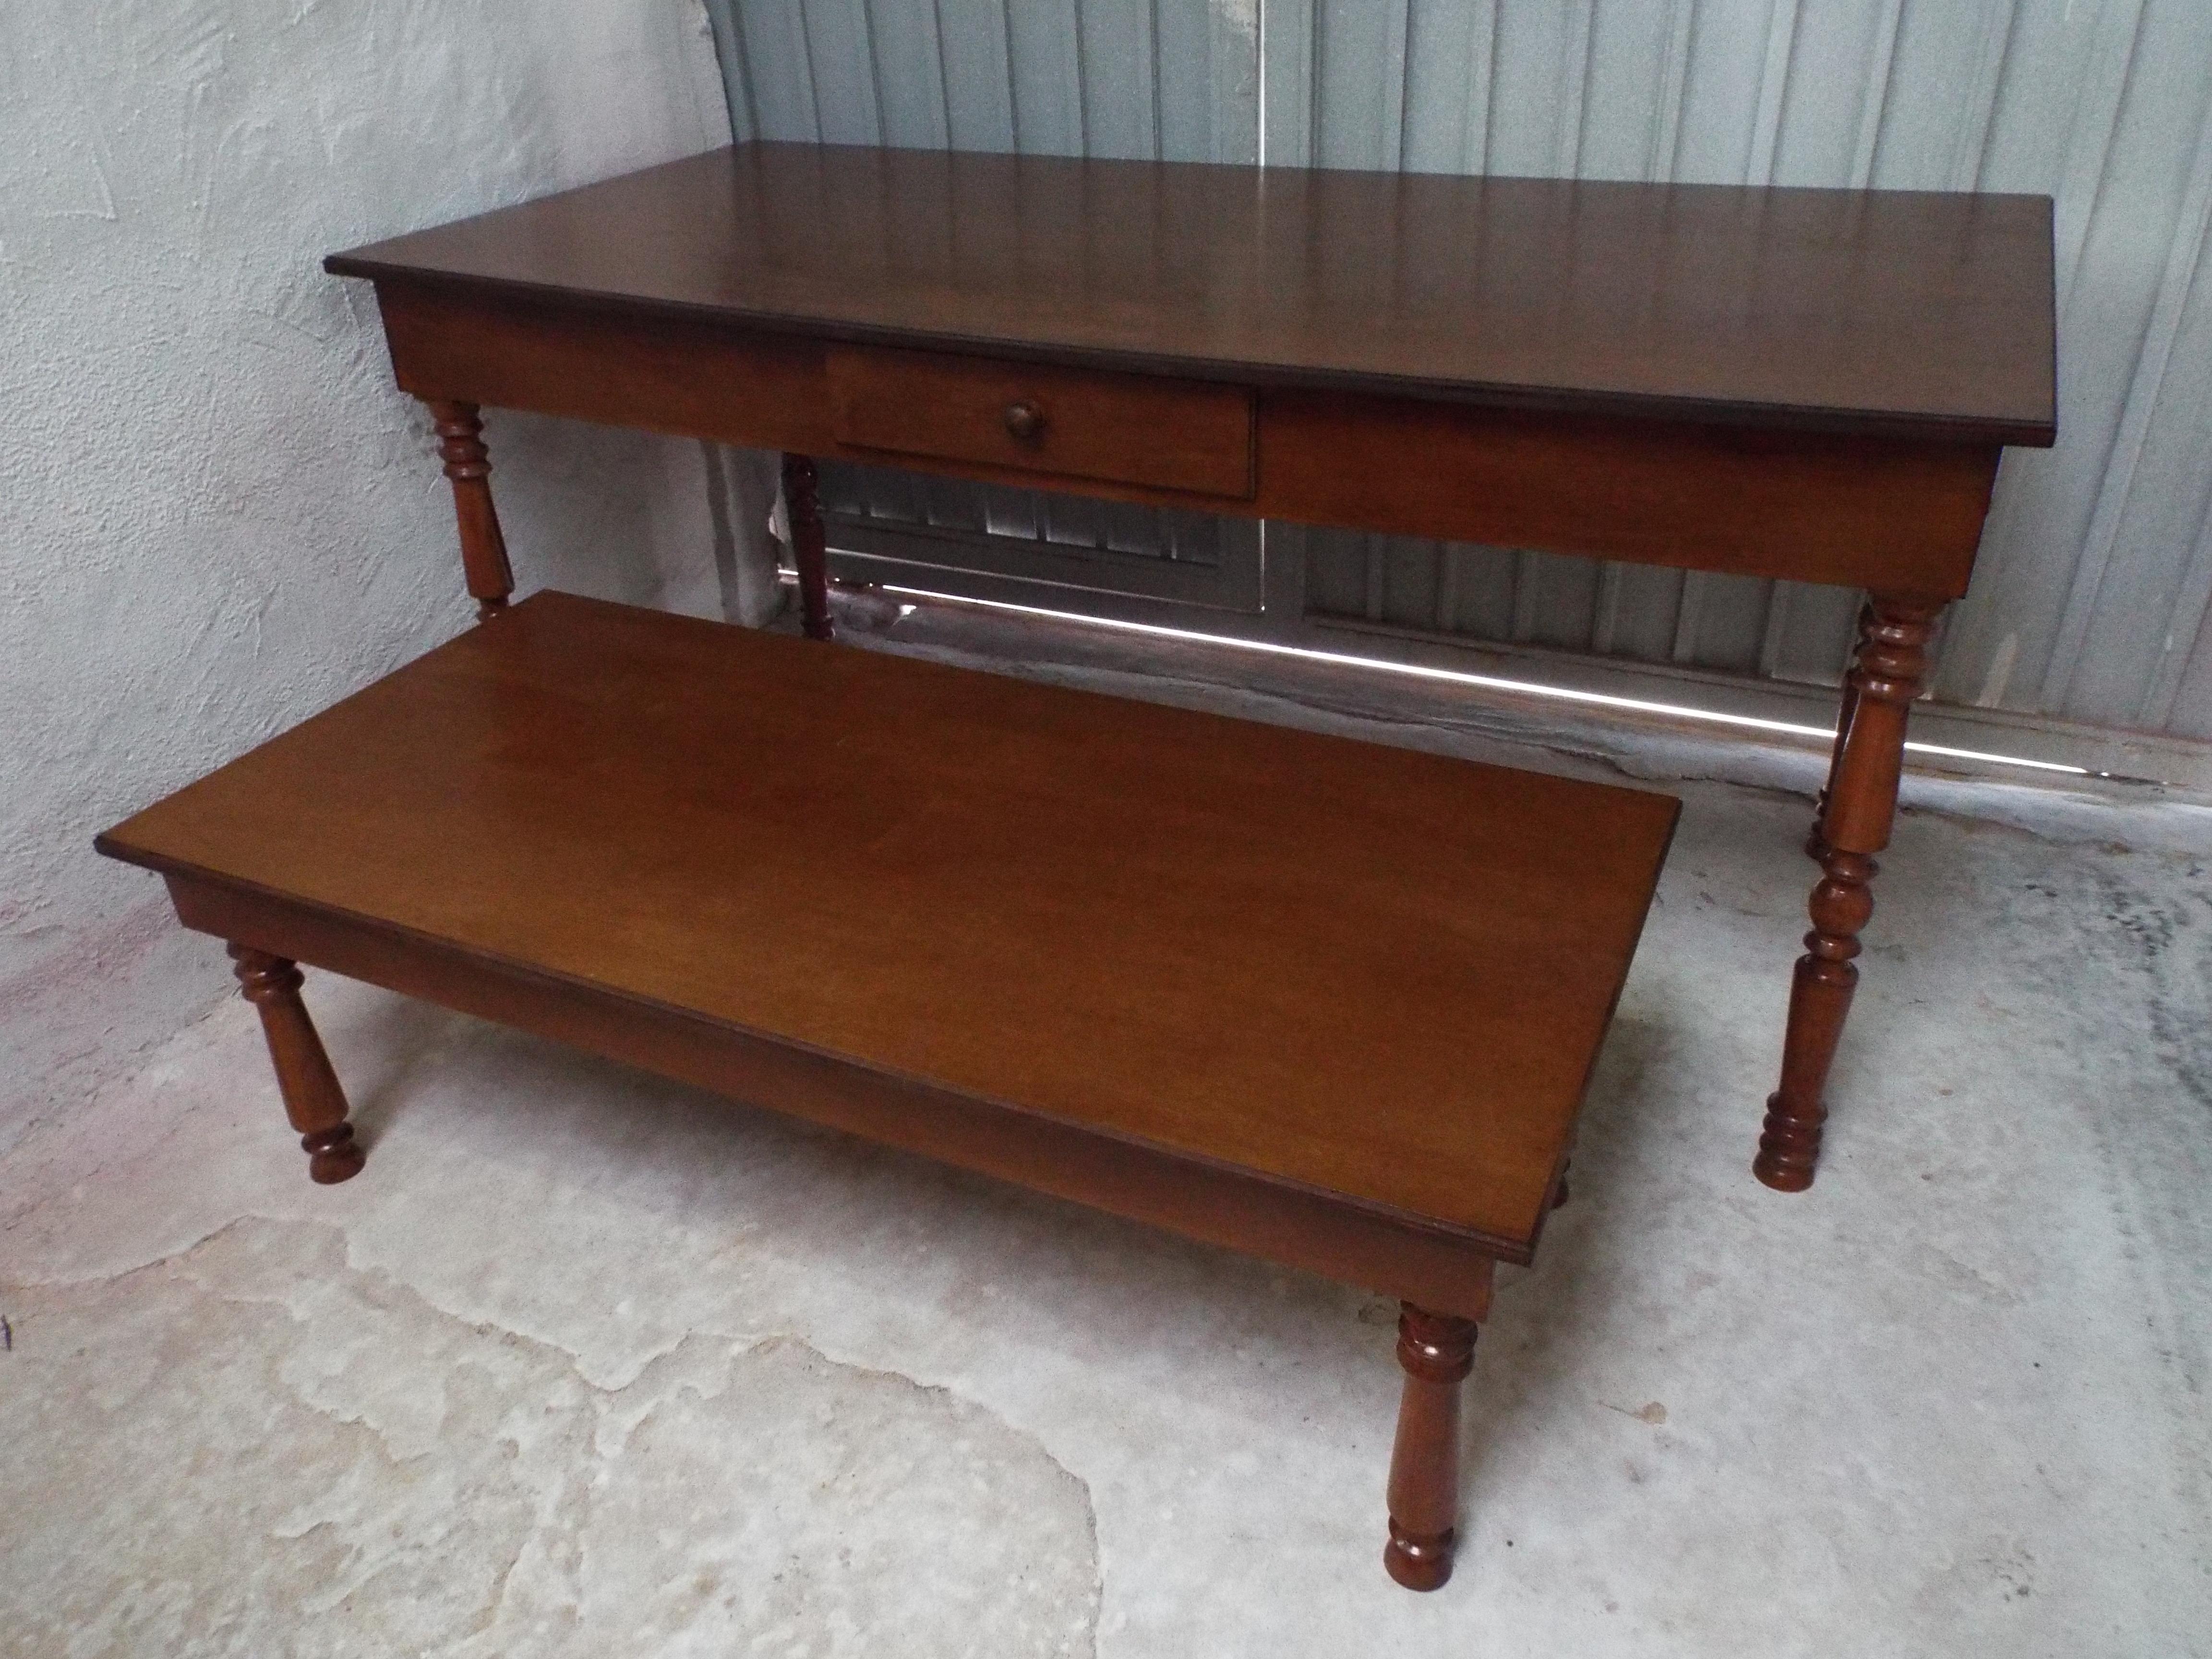 mesa provencal estilo rustico mesa rustica #5F3C2C 4608x3456